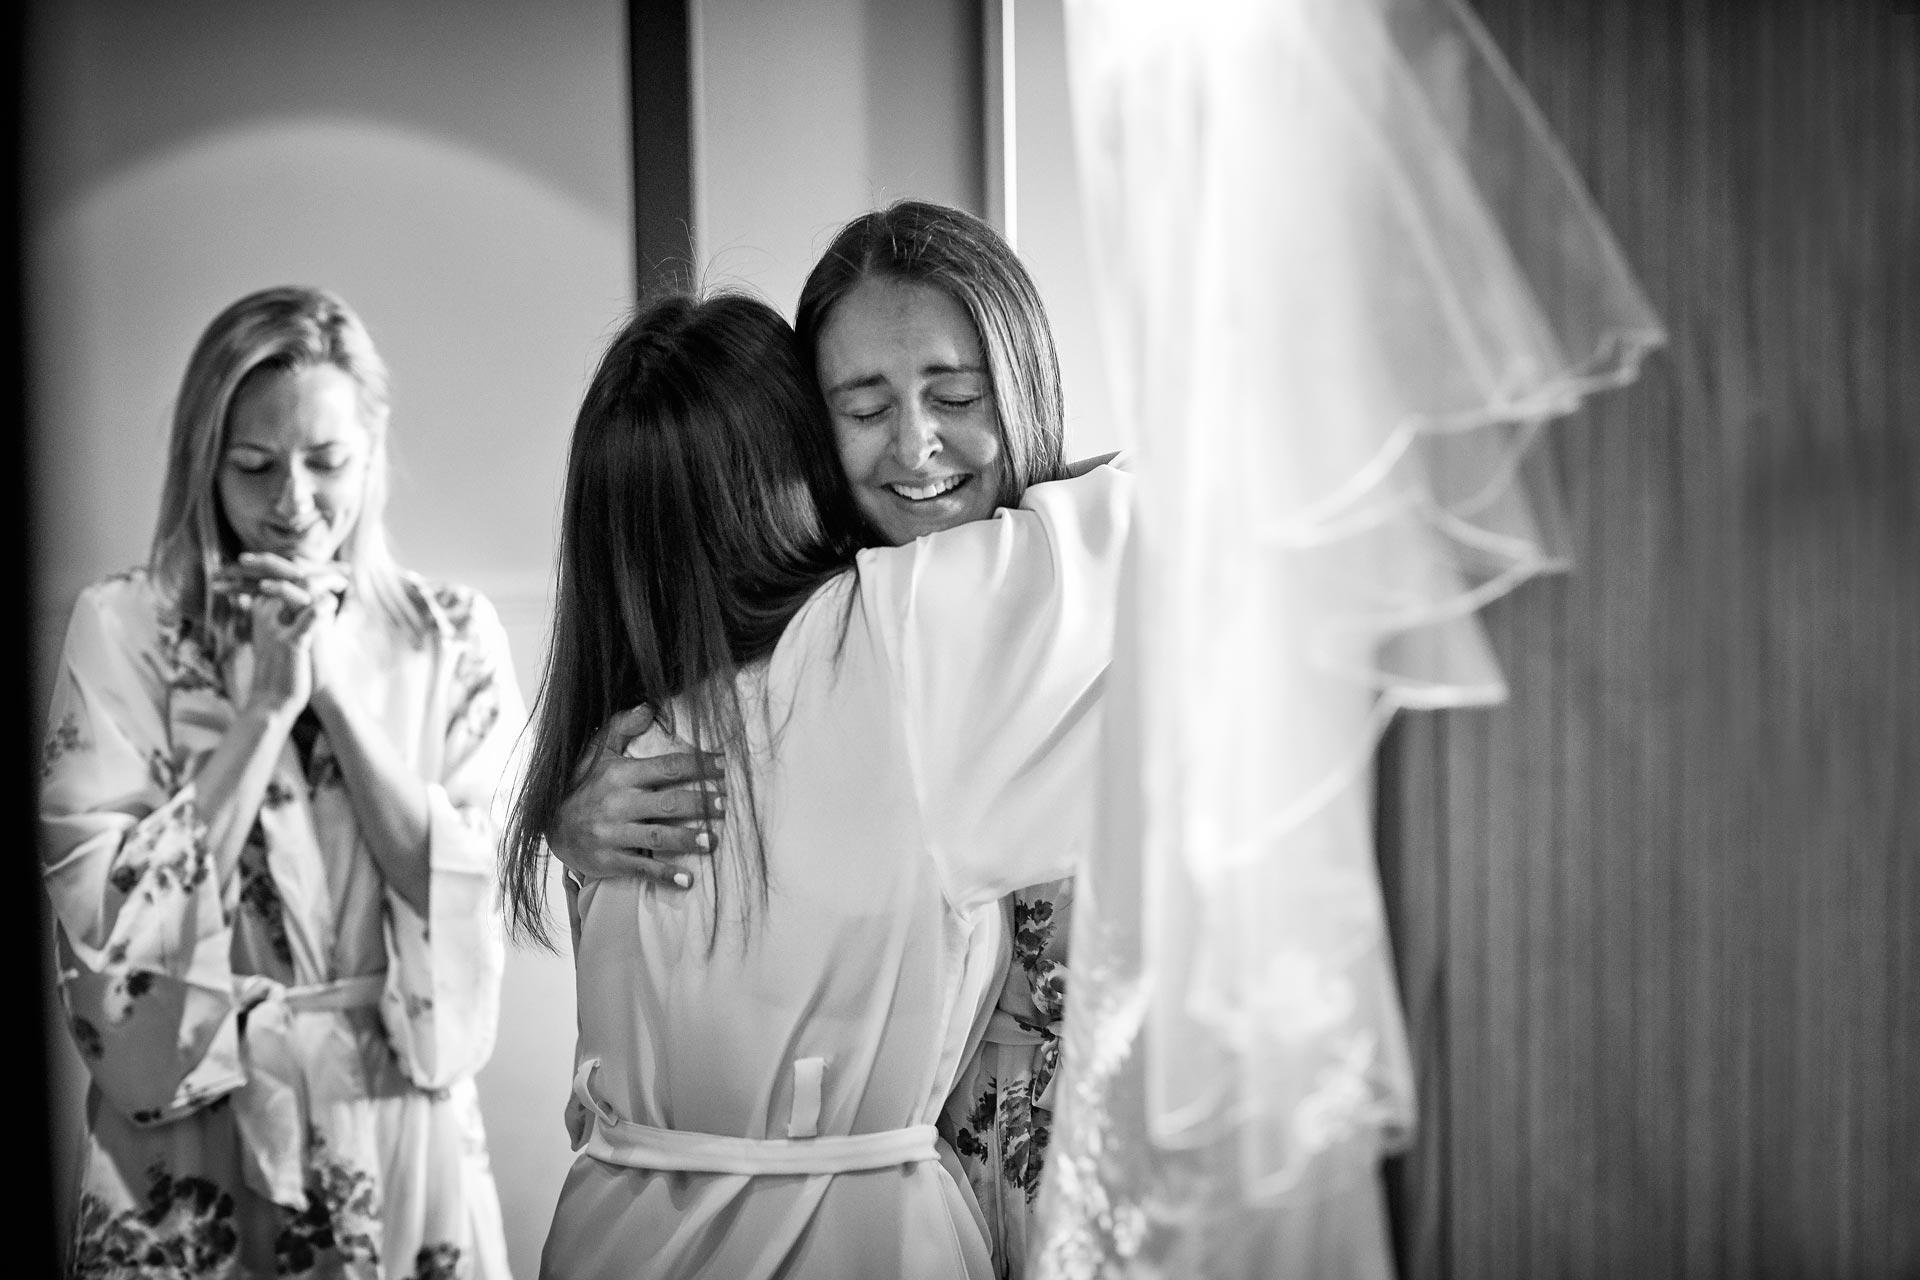 Florian Heurich: Der Trend, Braut und Bräutigam bei den Vorbereitungen kurz vor der Trauung zu dokumentieren, stammt aus den USA